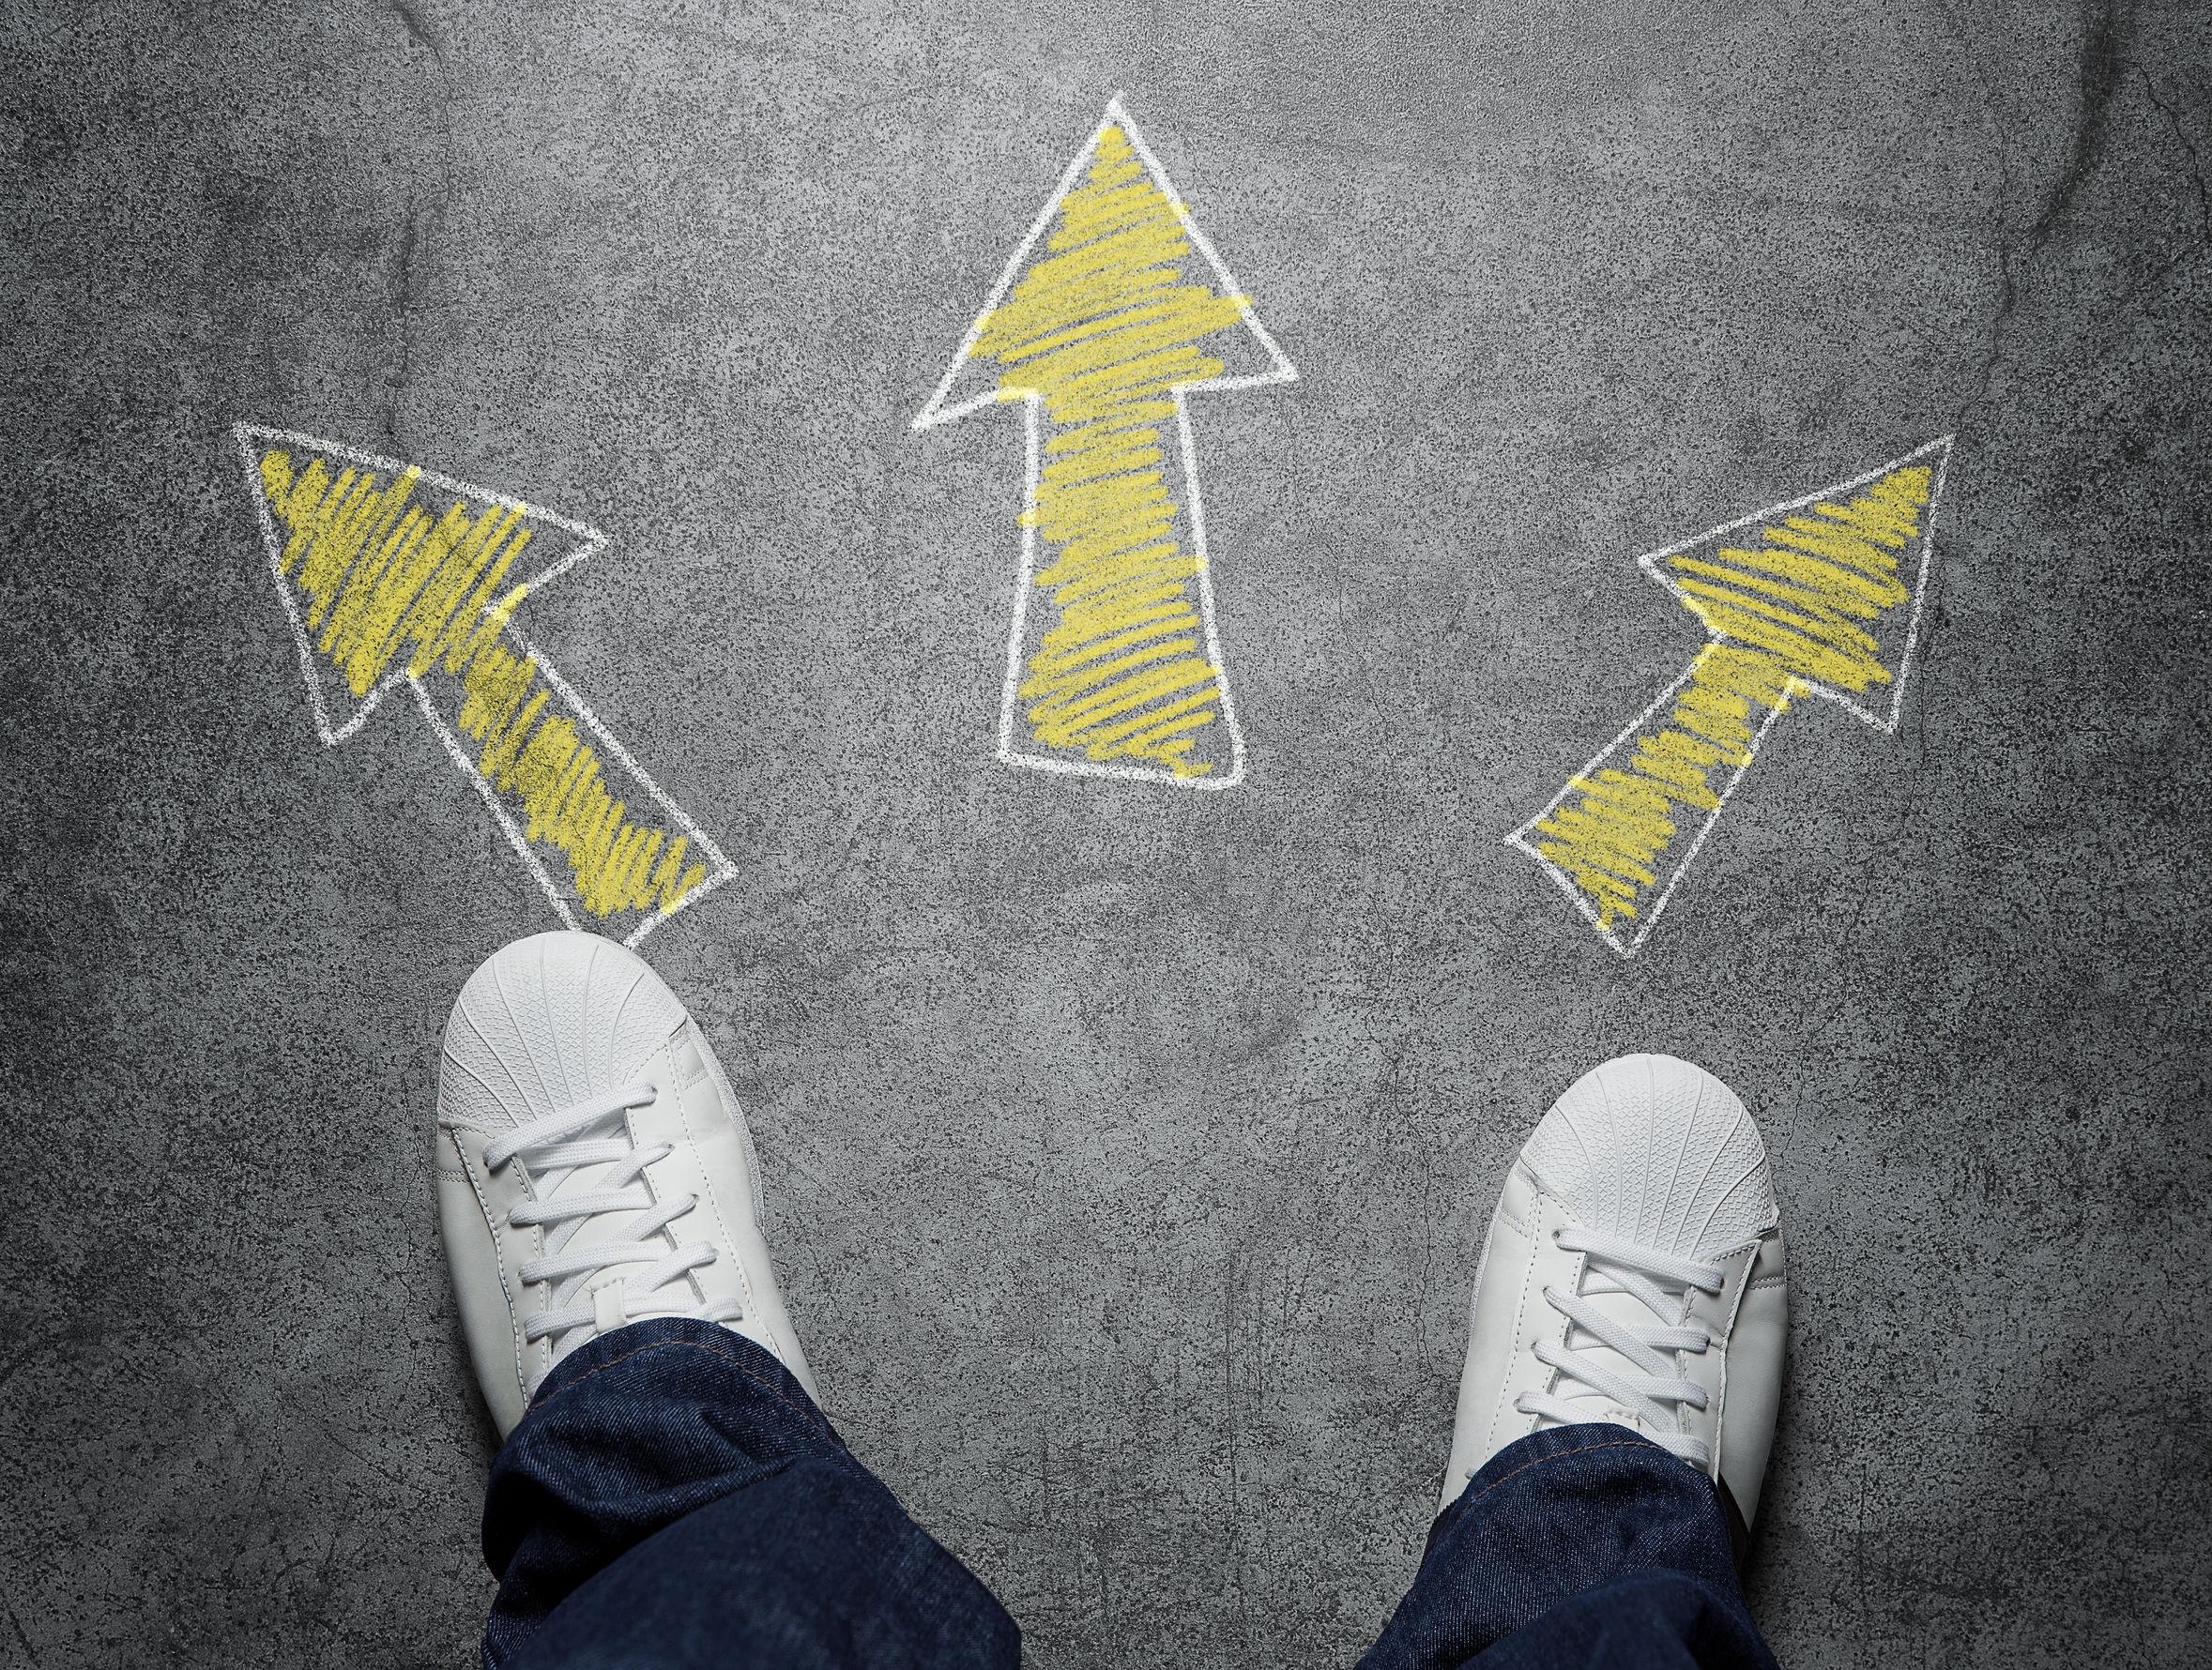 Imagens de par de pés usando um tênis branco. No chão estão desenhadas 3 setas amarelas apontadas para diferentes direções.